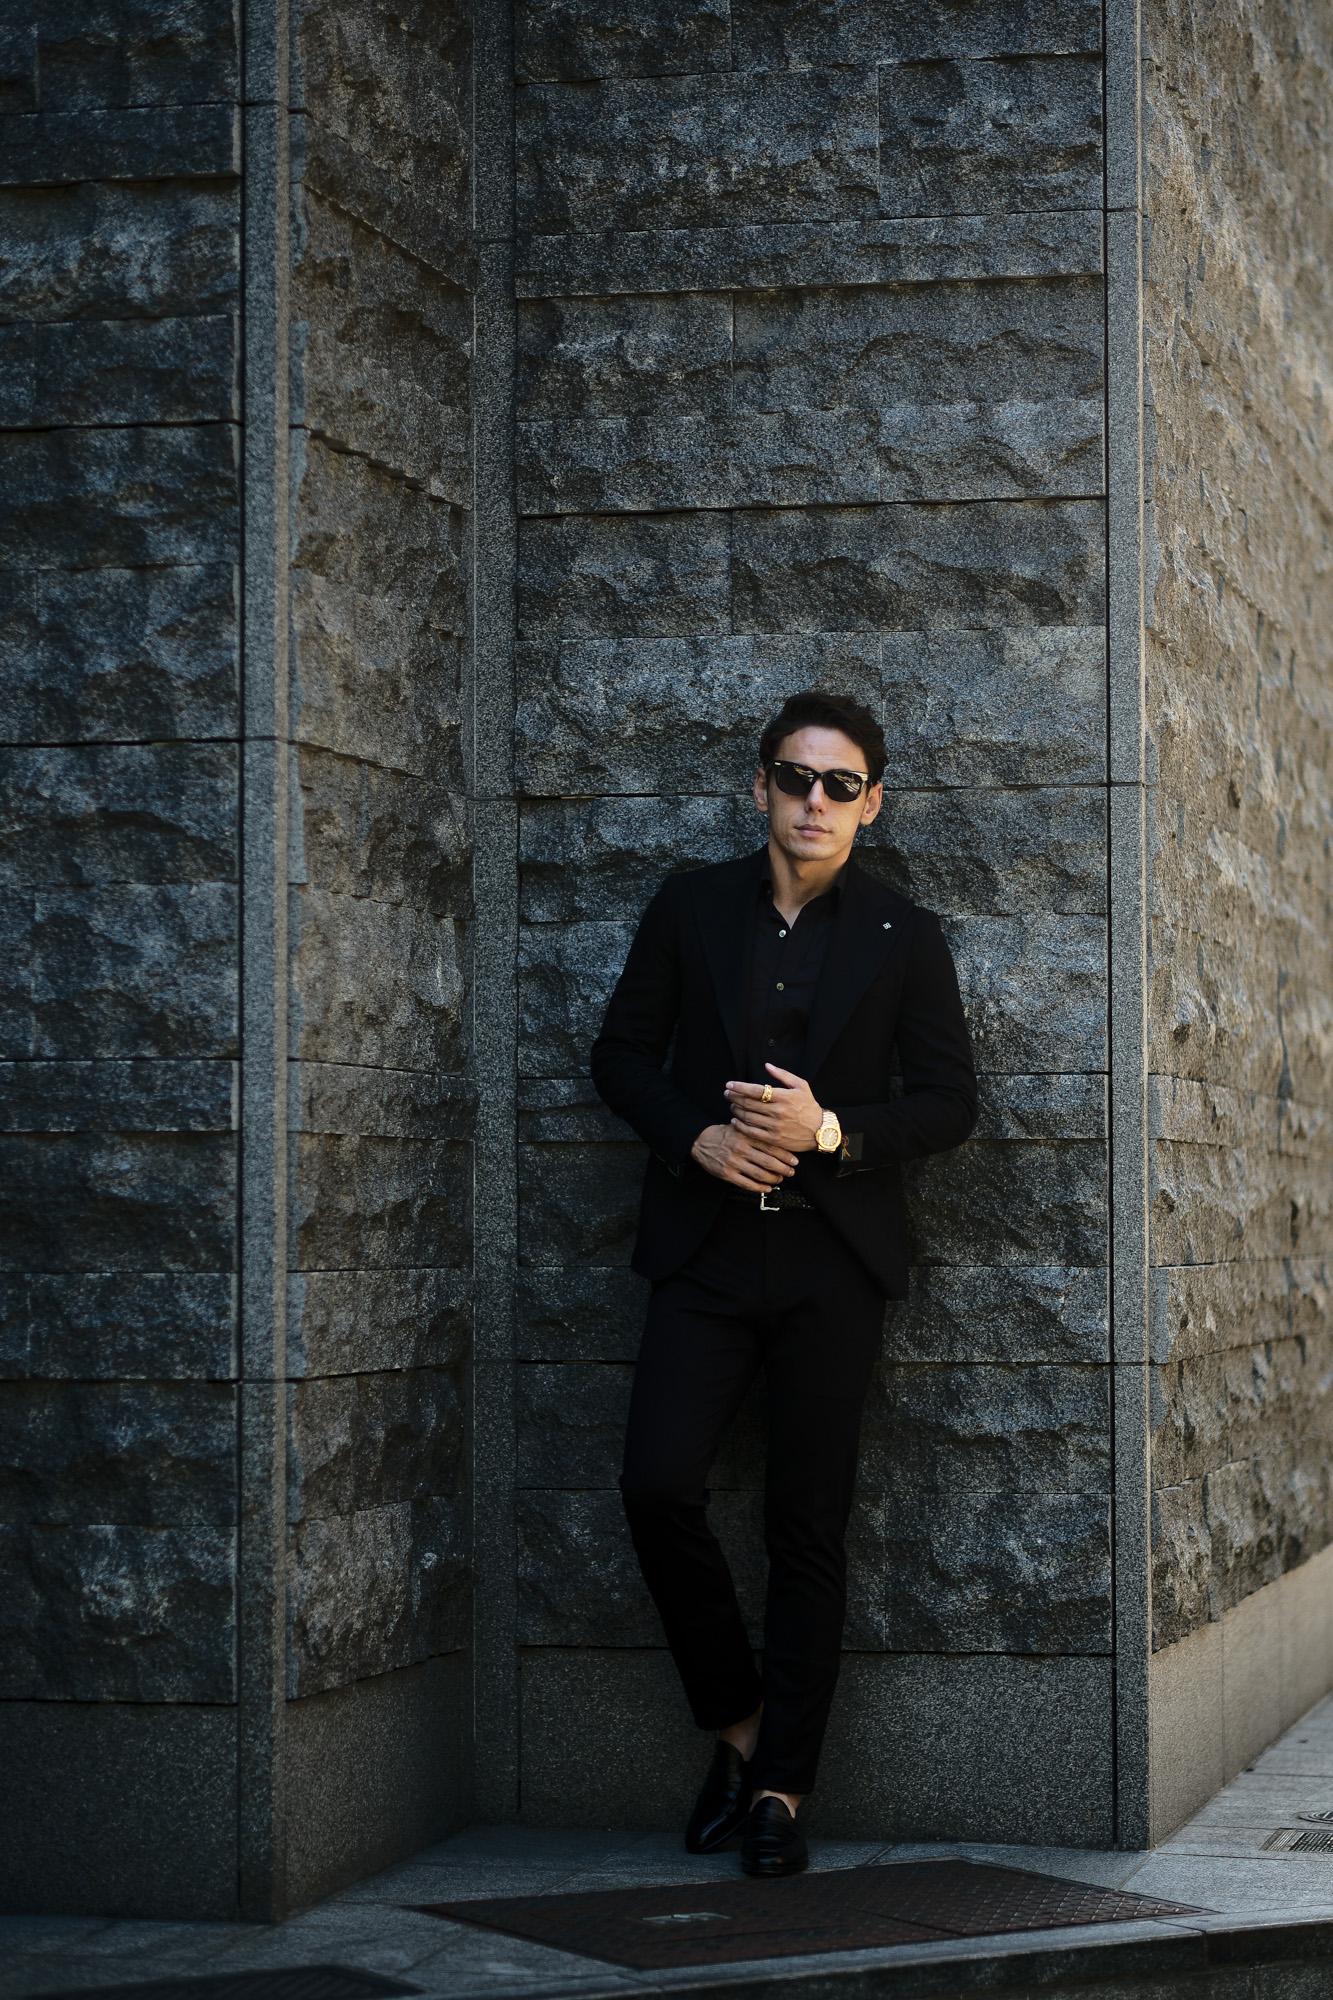 TAGLIATORE (タリアトーレ) PINO LERARIO (ピーノ レラリオ) Cashmere Jacket カシミア ジャケット NERO (ブラック) Made in italy (イタリア製) 2021 秋冬 【ご予約受付中】愛知 名古屋 altoediritto アルトエデリット カシミヤジャケット